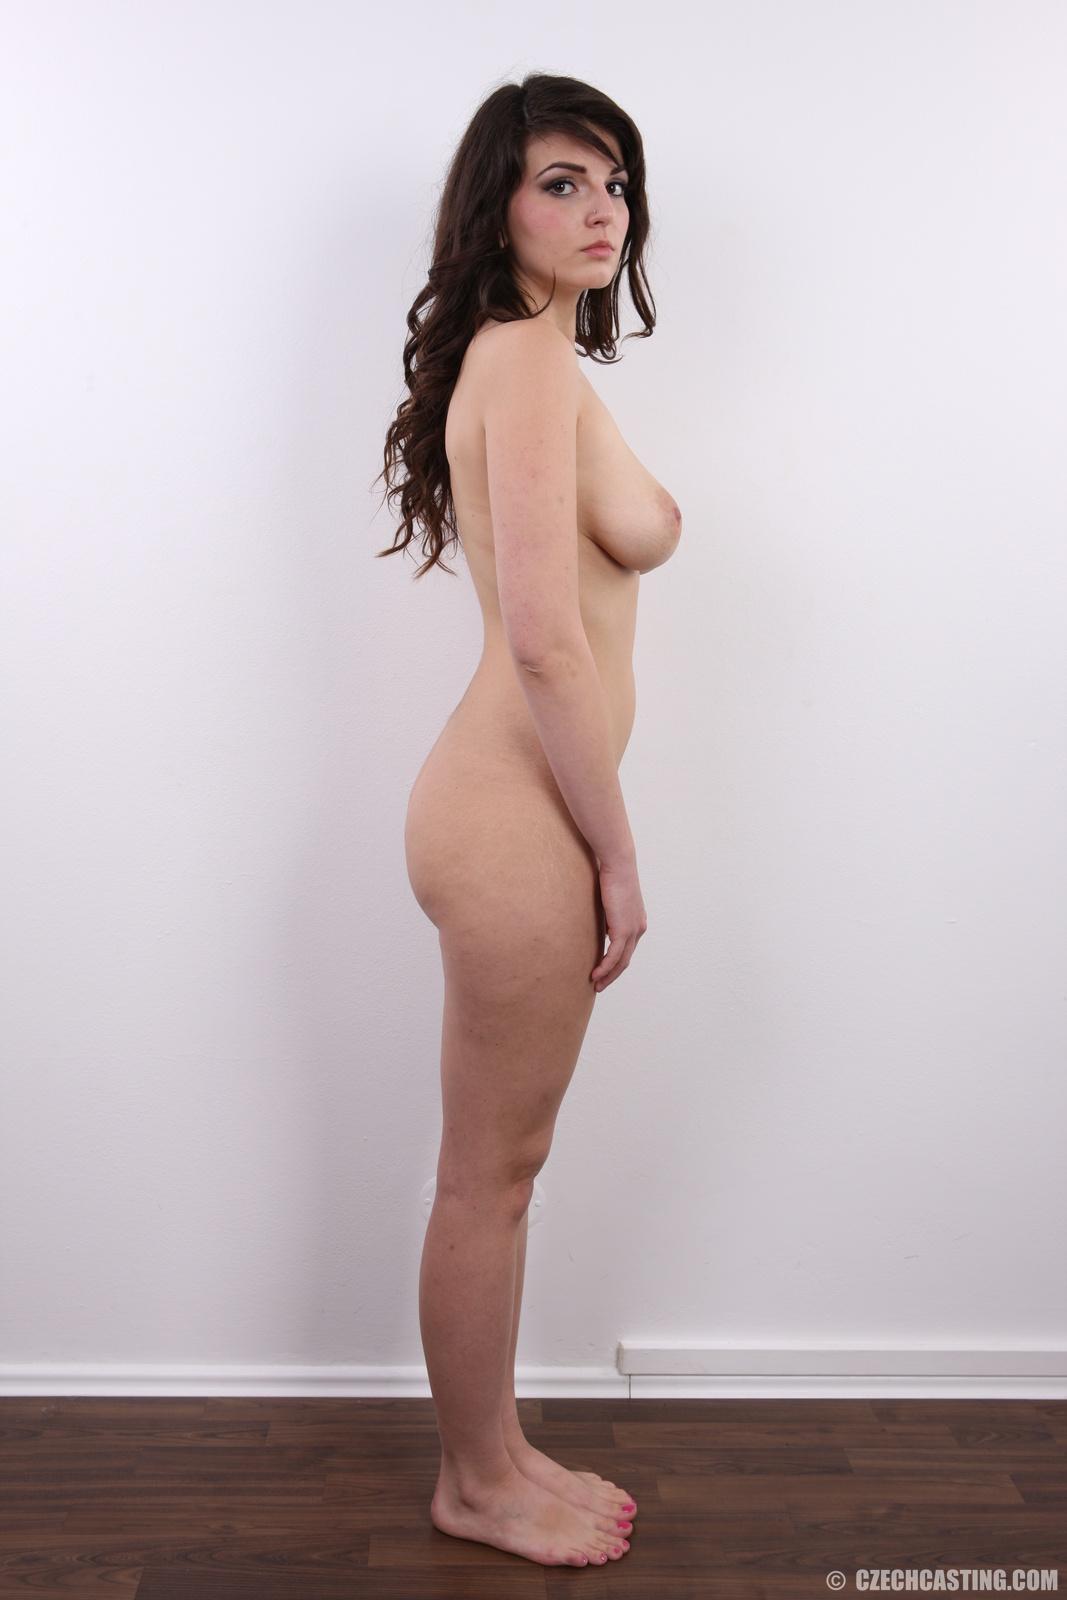 jessica biel hot boobs